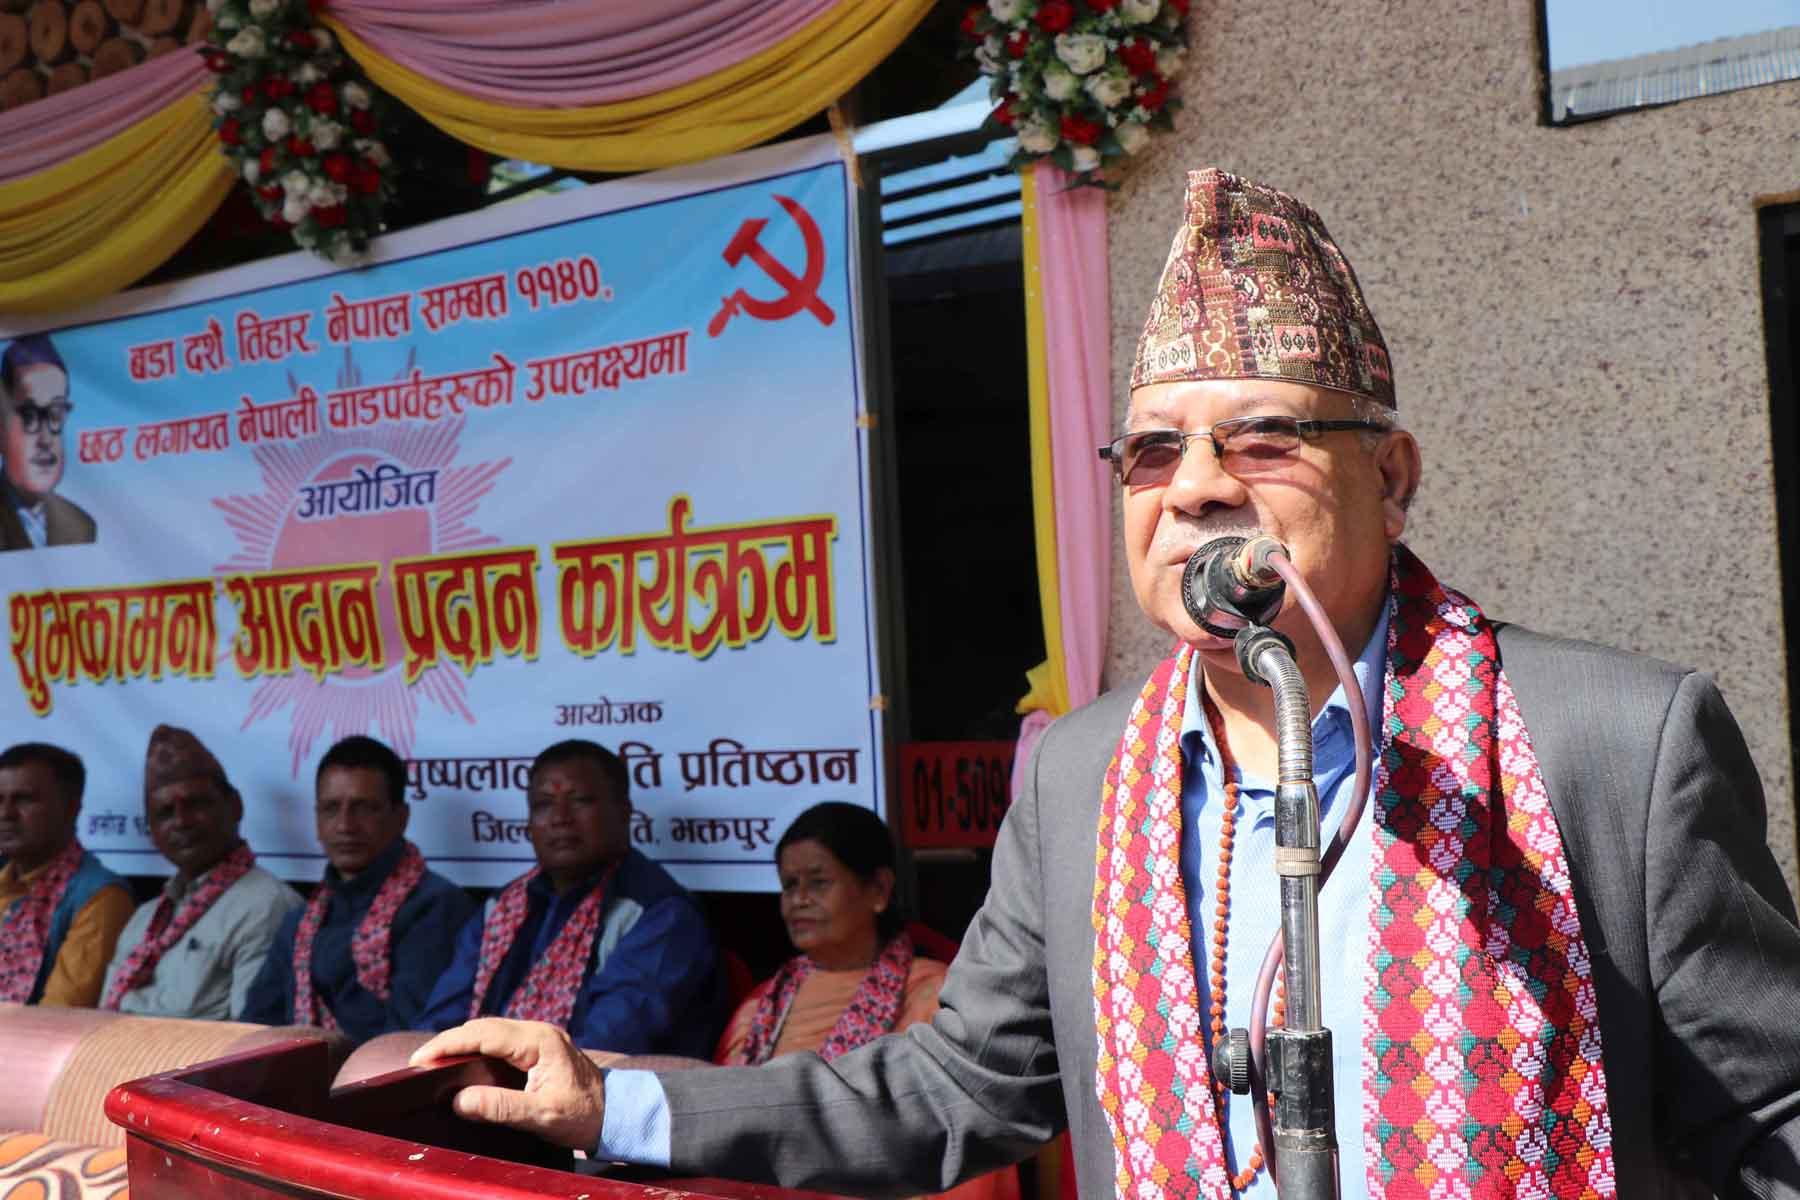 दुई तिहाइ सरकारको मूल्याङ्कन जनताले गरिराखेका छन् : नेता नेपाल